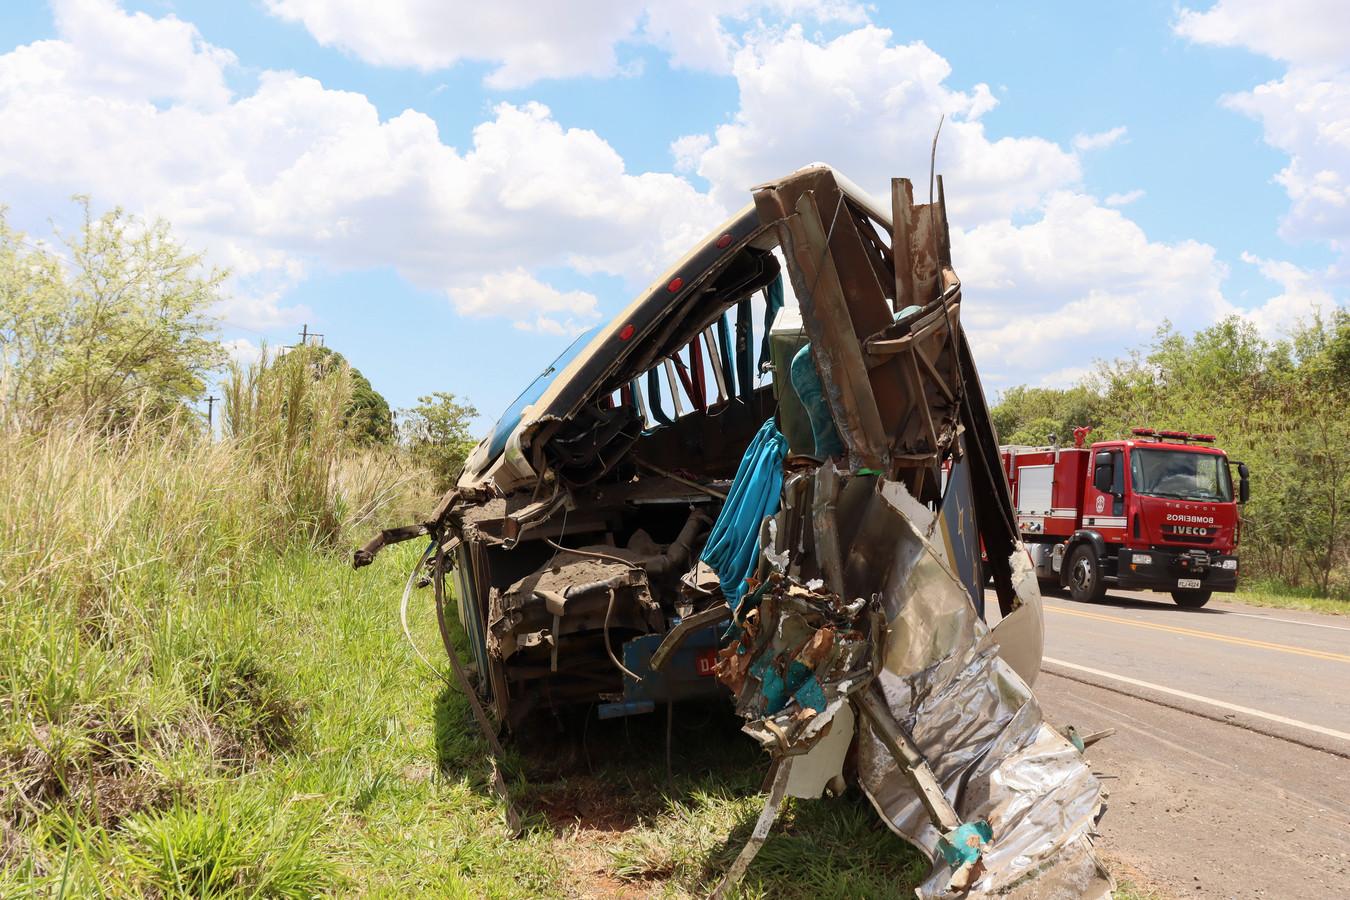 La semaine dernière, un accident de bus a fait 41 morts à Taguai, à 350 km de São Paulo